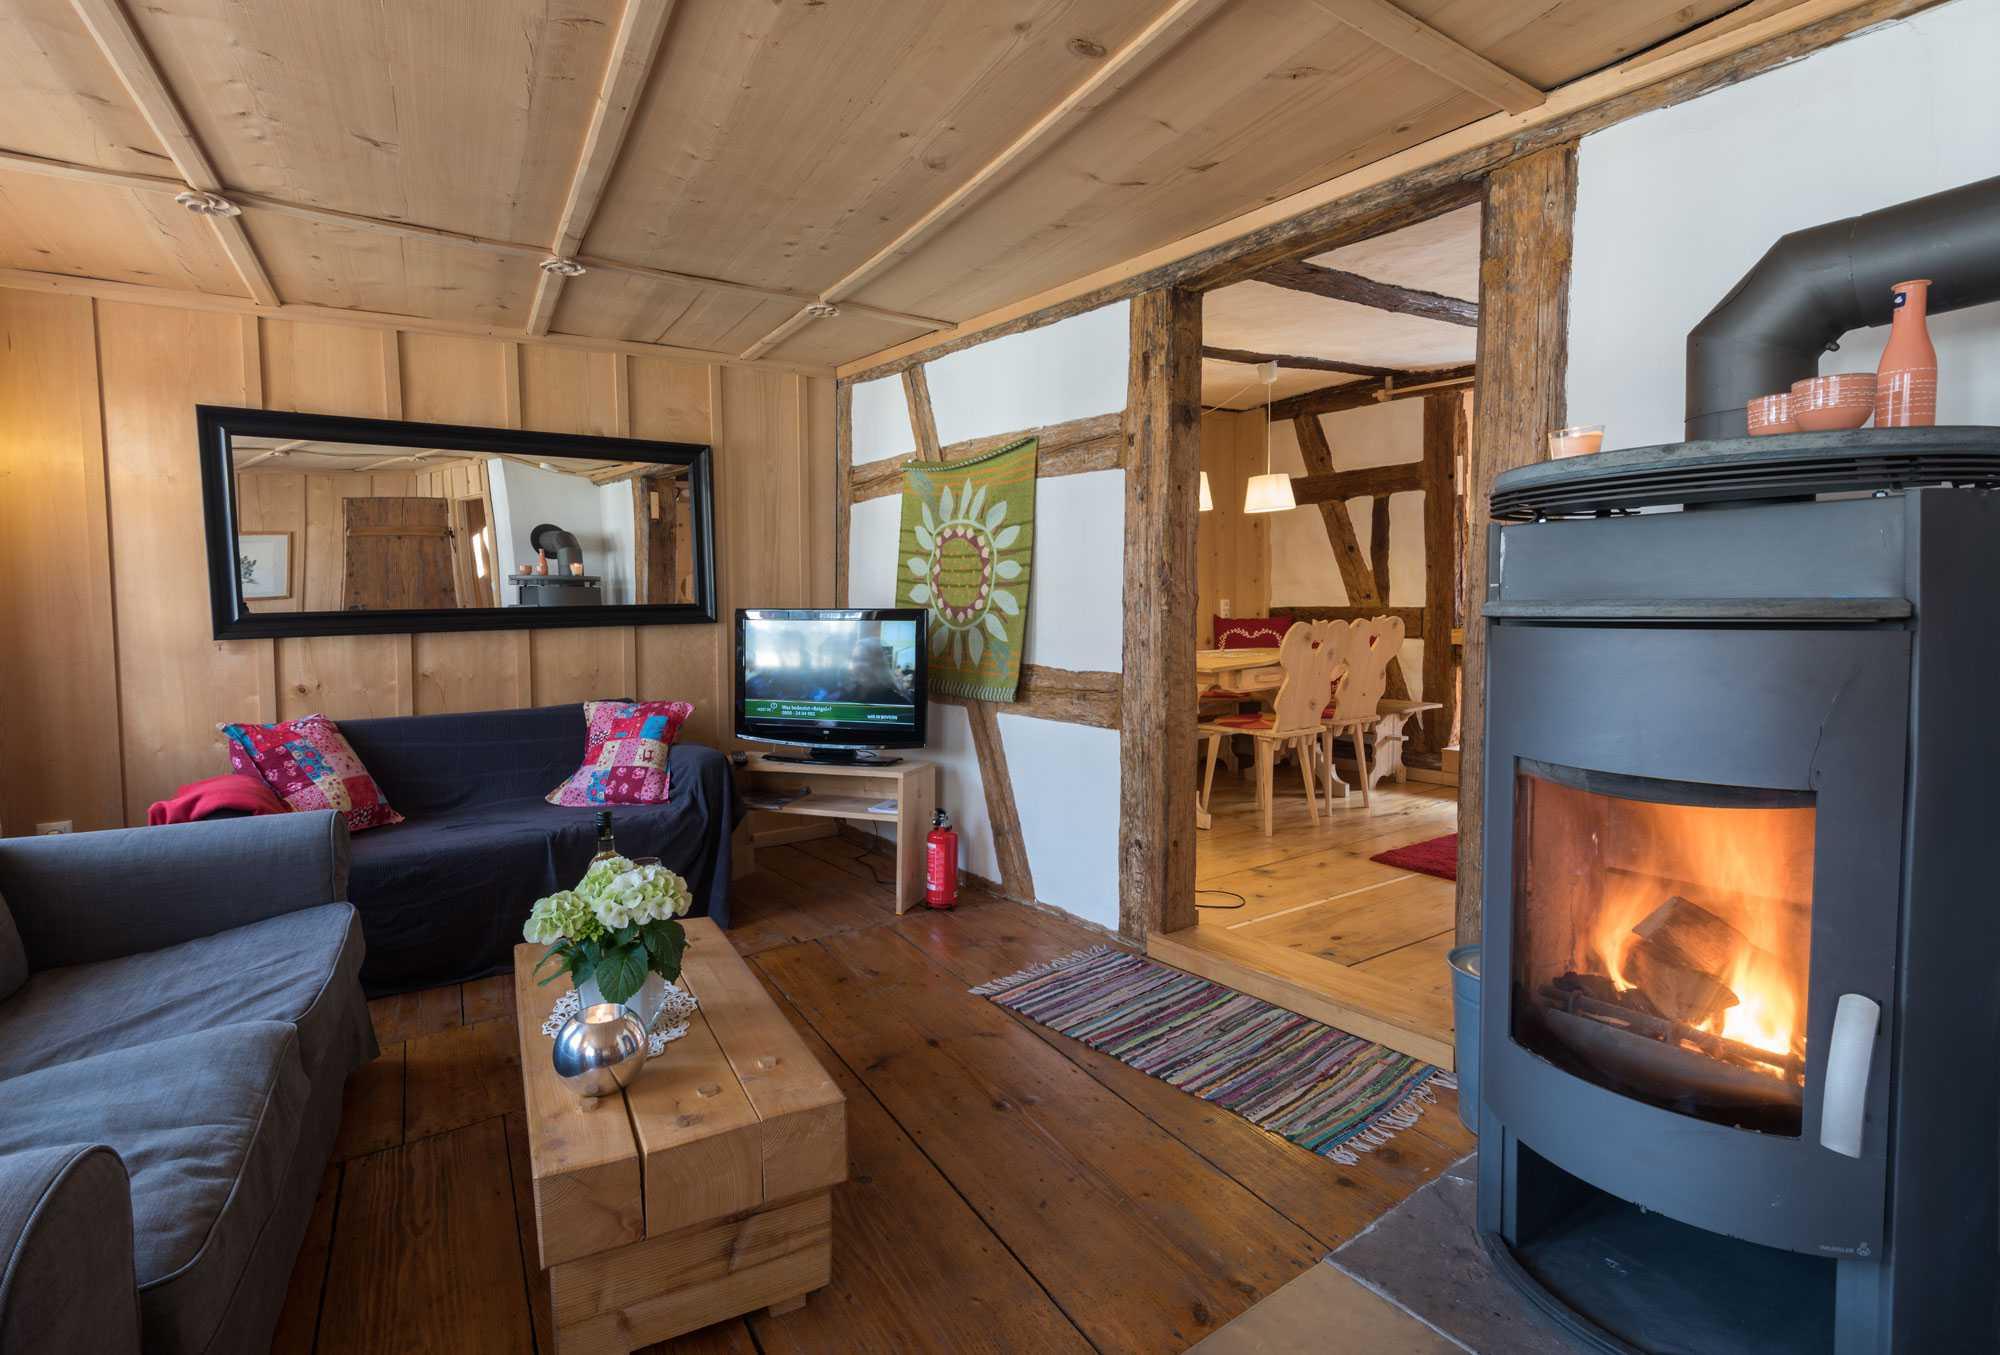 ferien im denkmal historisches ferienhaus im schwarzwald. Black Bedroom Furniture Sets. Home Design Ideas